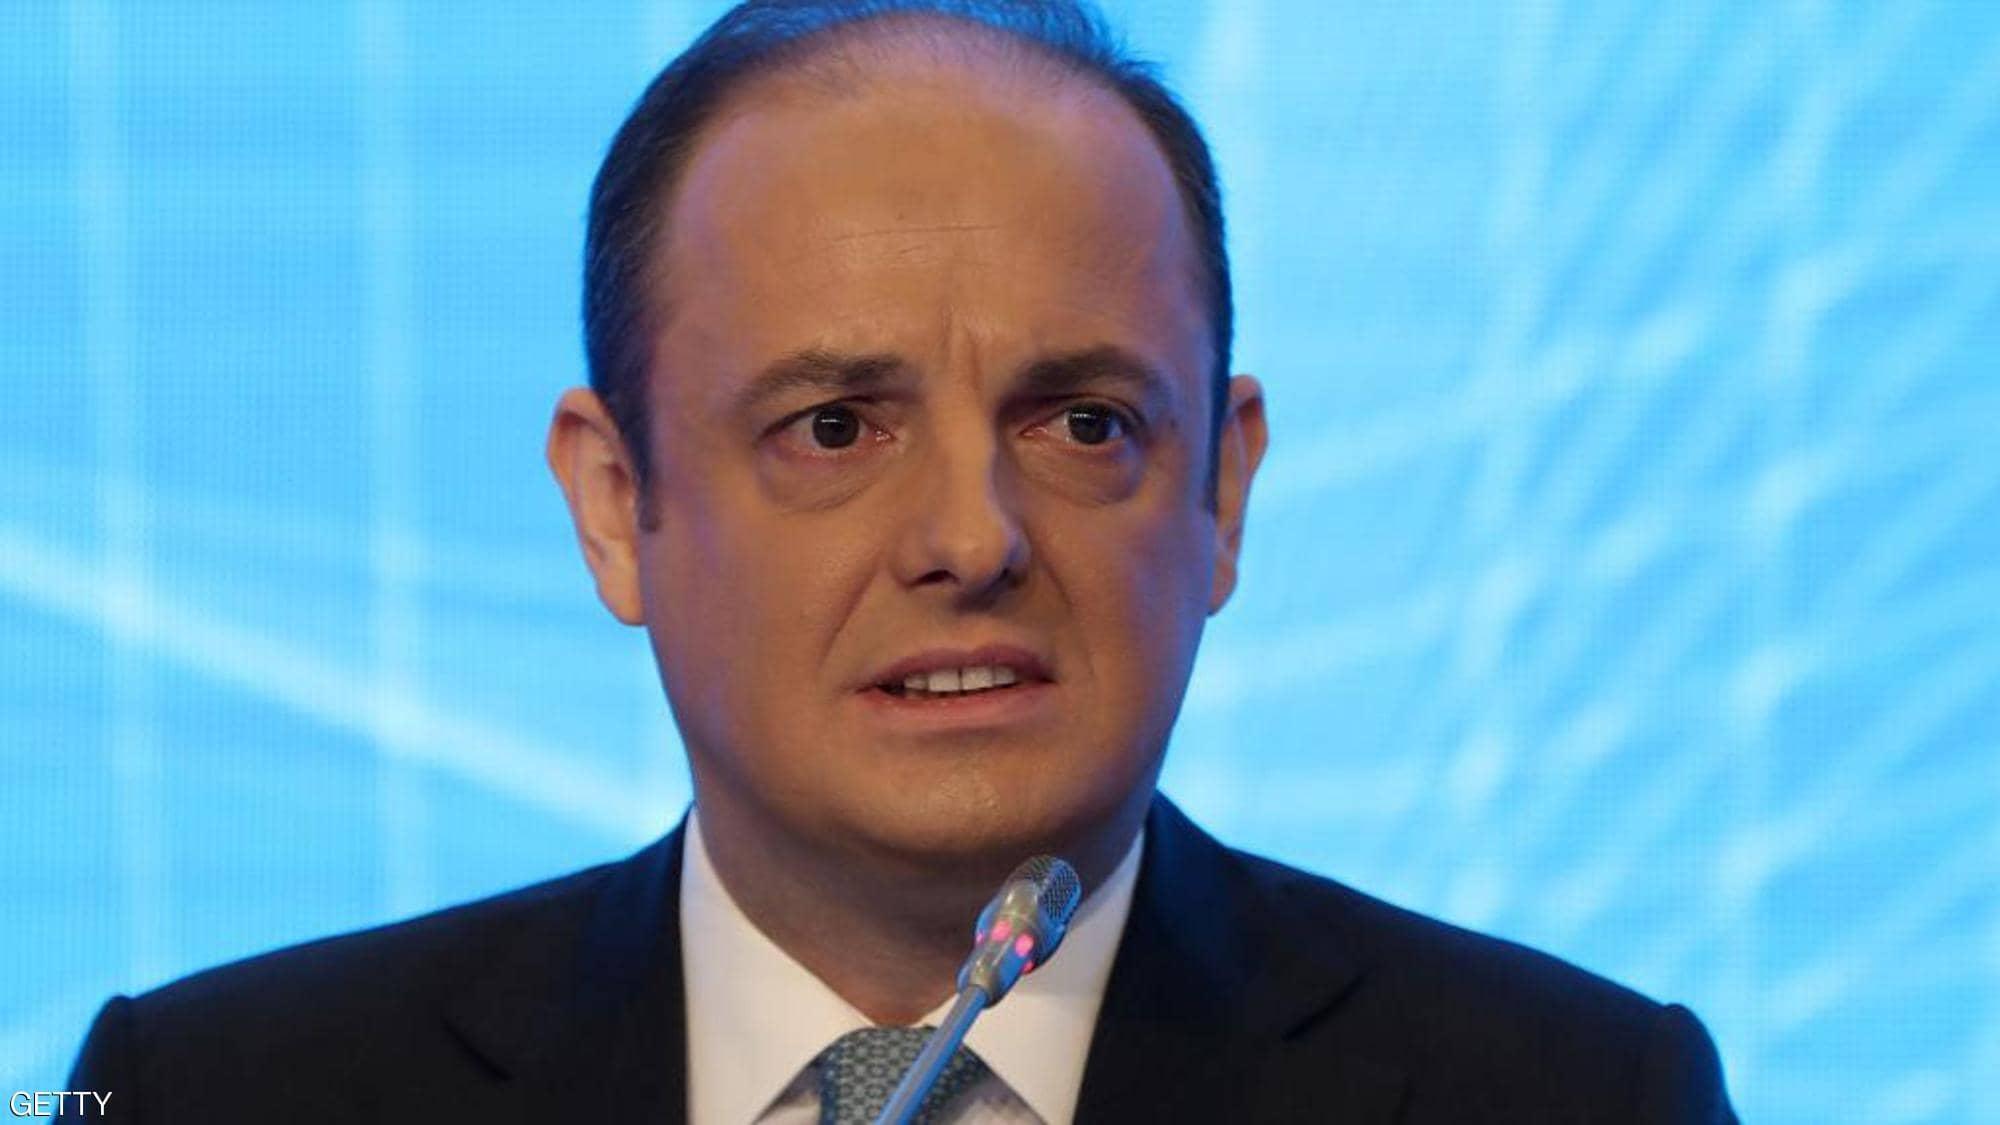 إقالة محافظ البنك المركزي التركي وتعيين نائبه بدلا منه